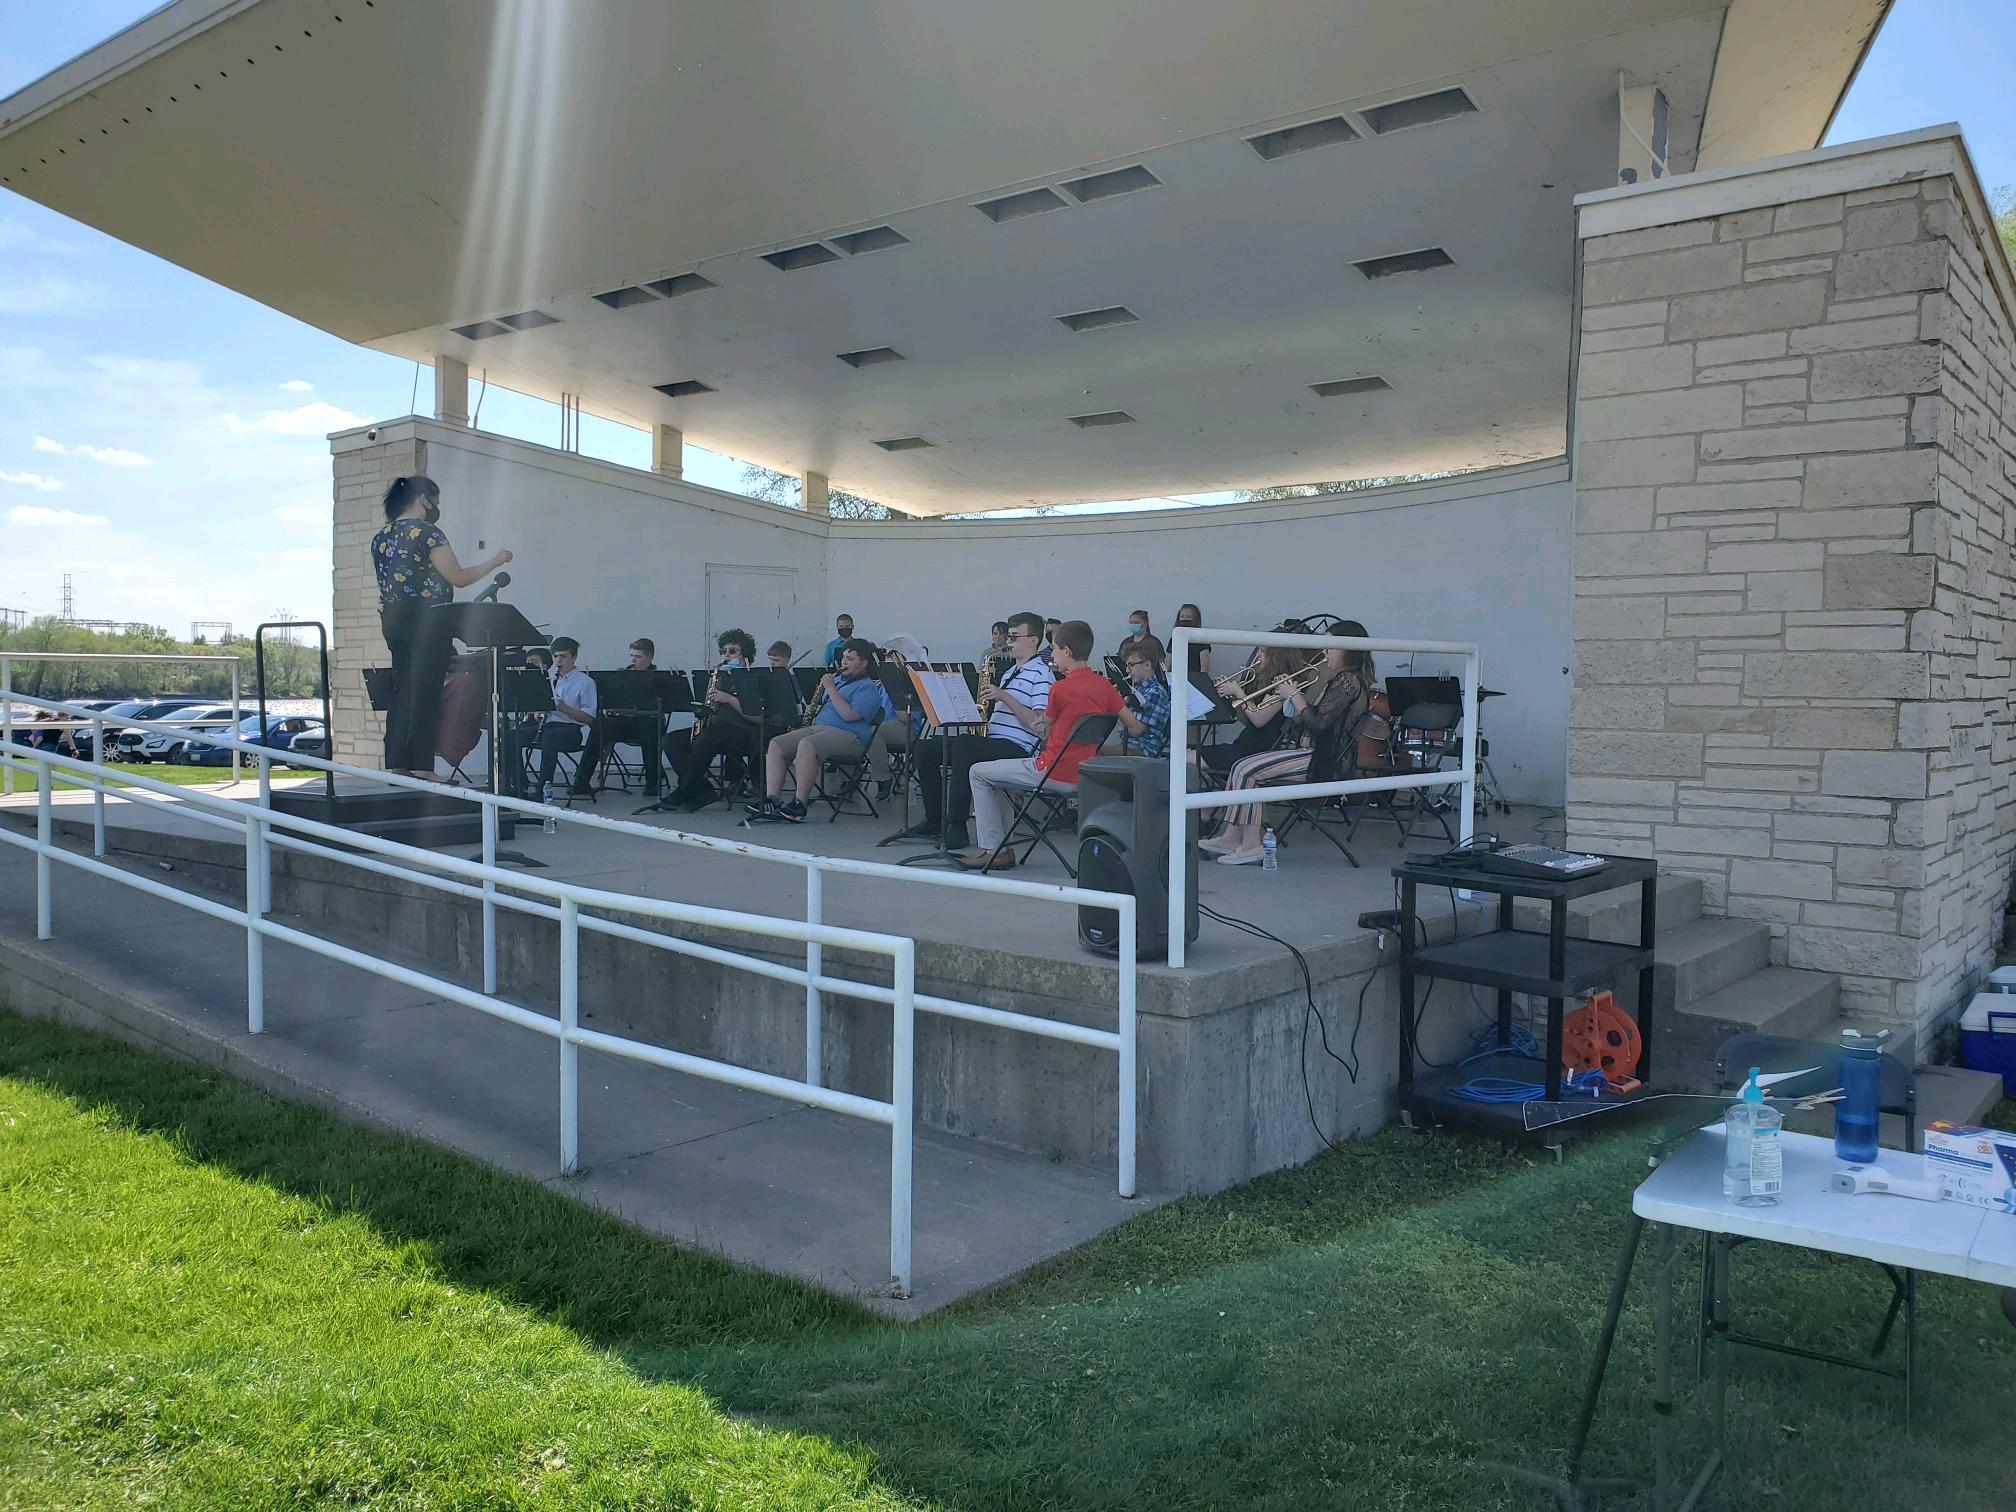 RMS band performing at band shell